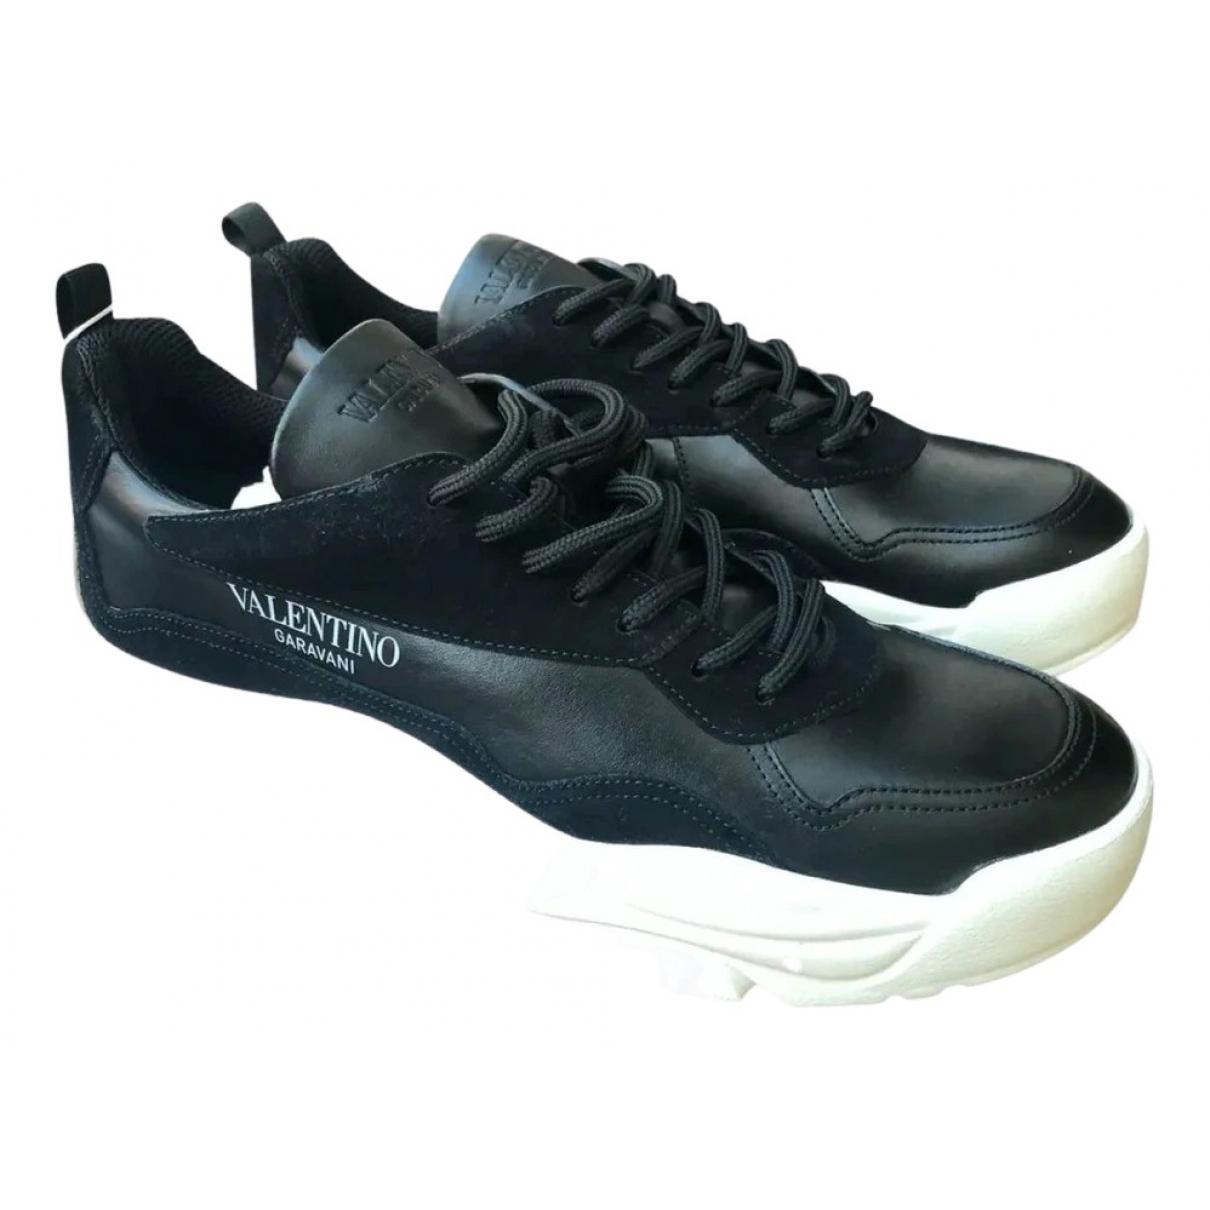 Valentino Garavani - Baskets Gumboy pour homme en cuir - noir